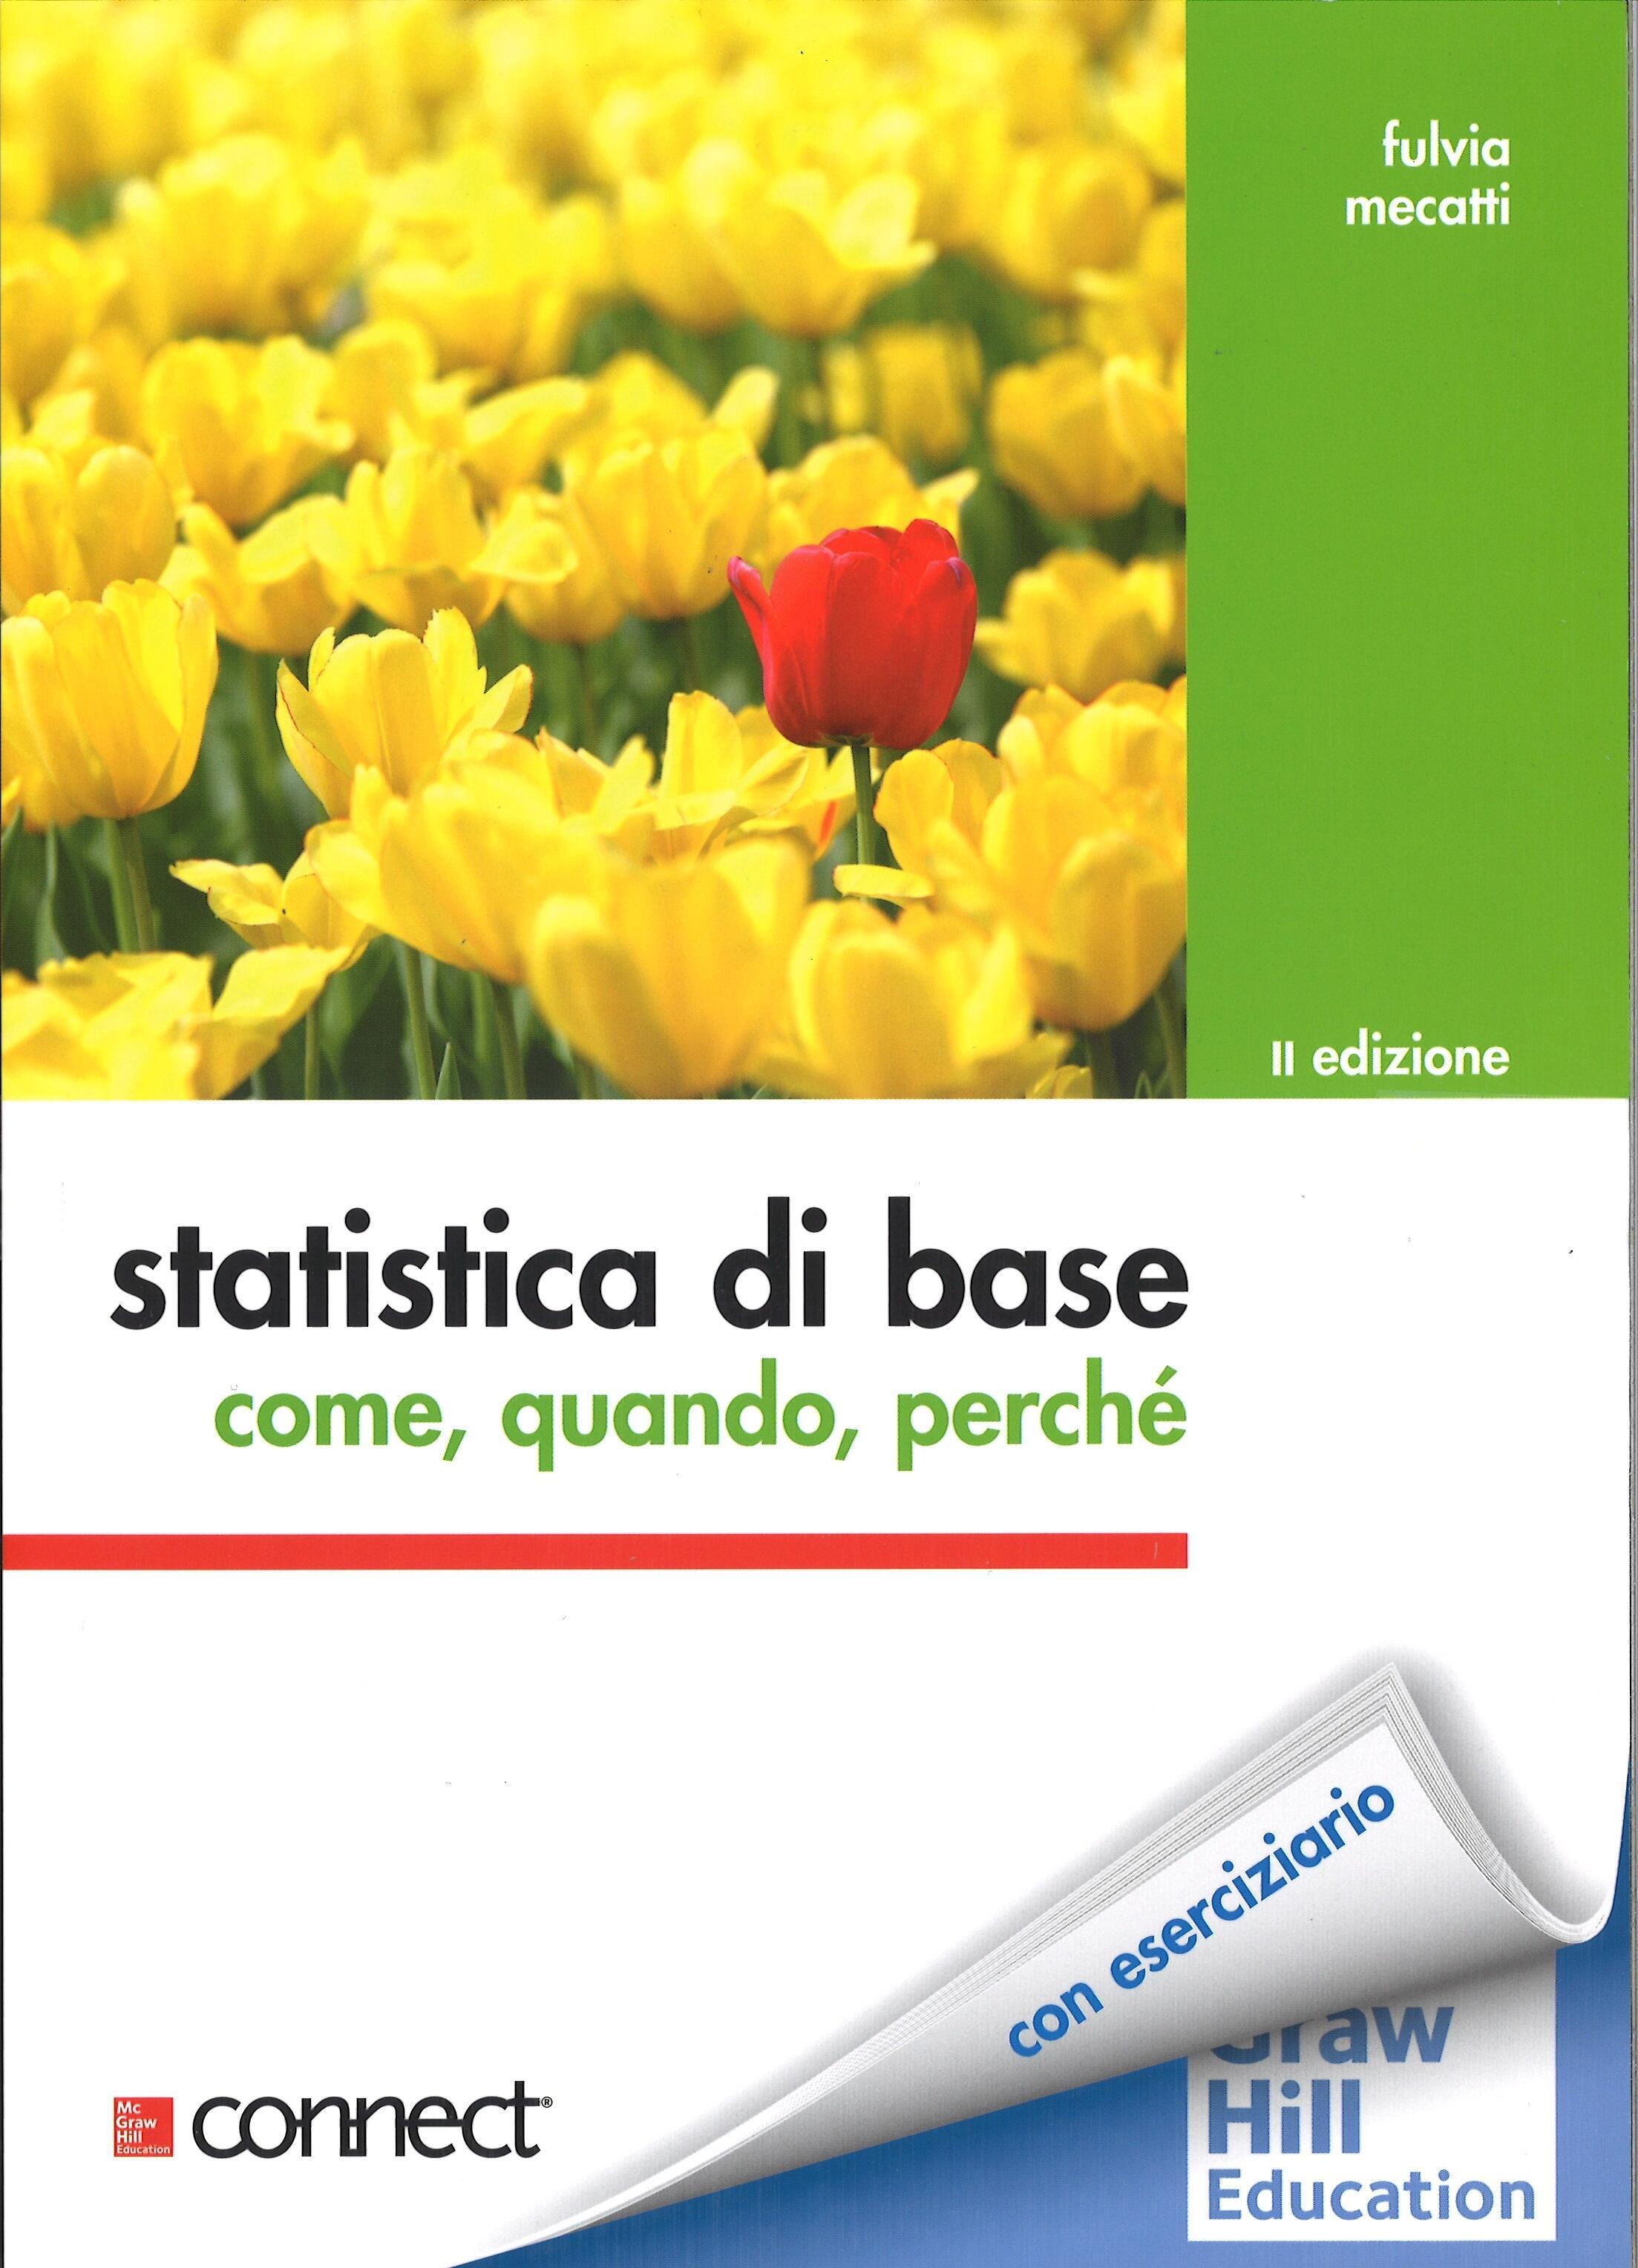 STATISTICA DI BASE FULVIA MECATTI PDF DOWNLOAD